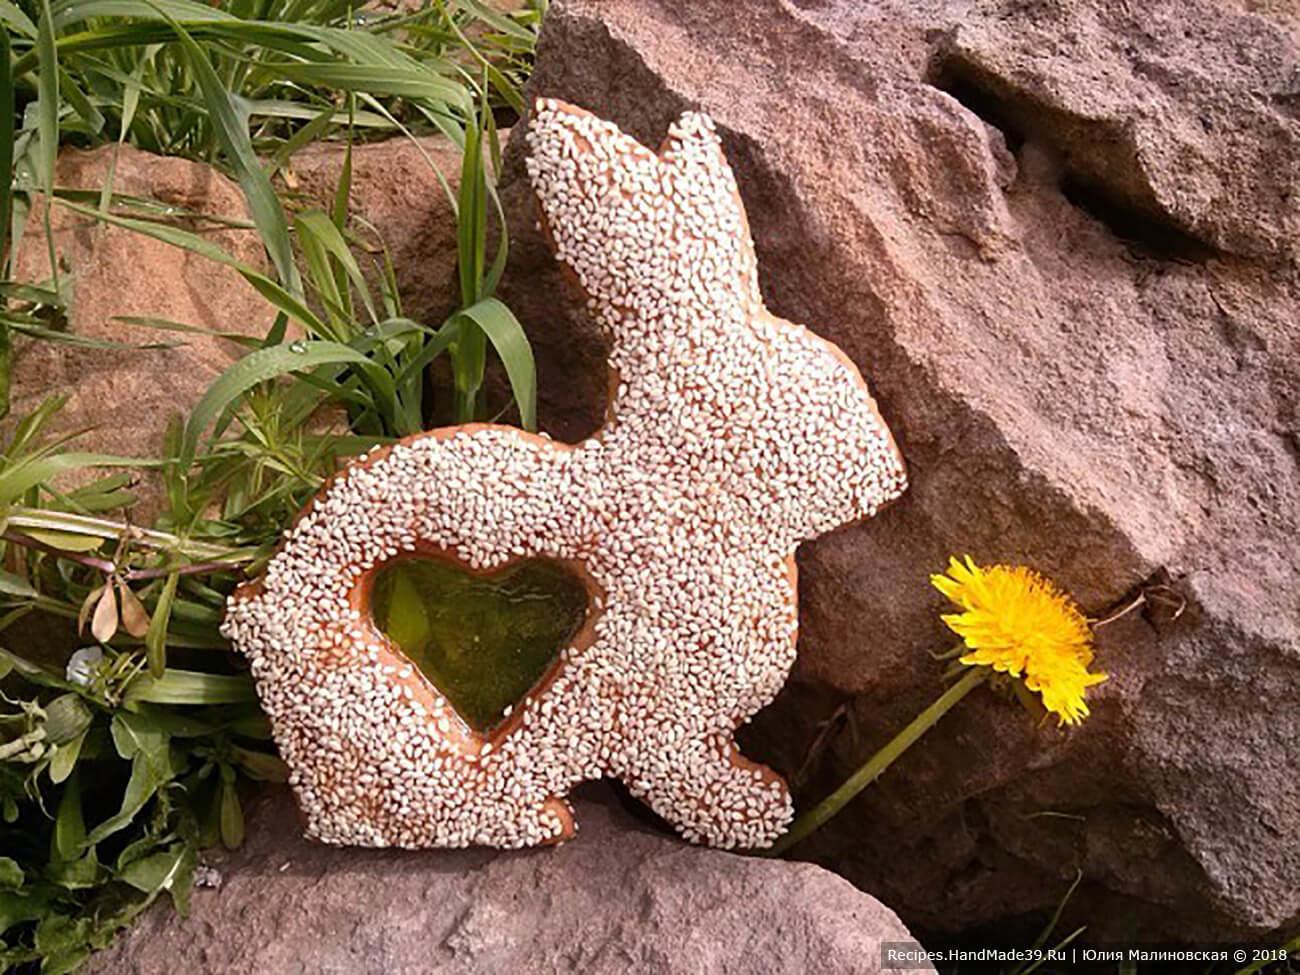 Пасхальный тульский пряник «Зайчик» с карамельным окошком